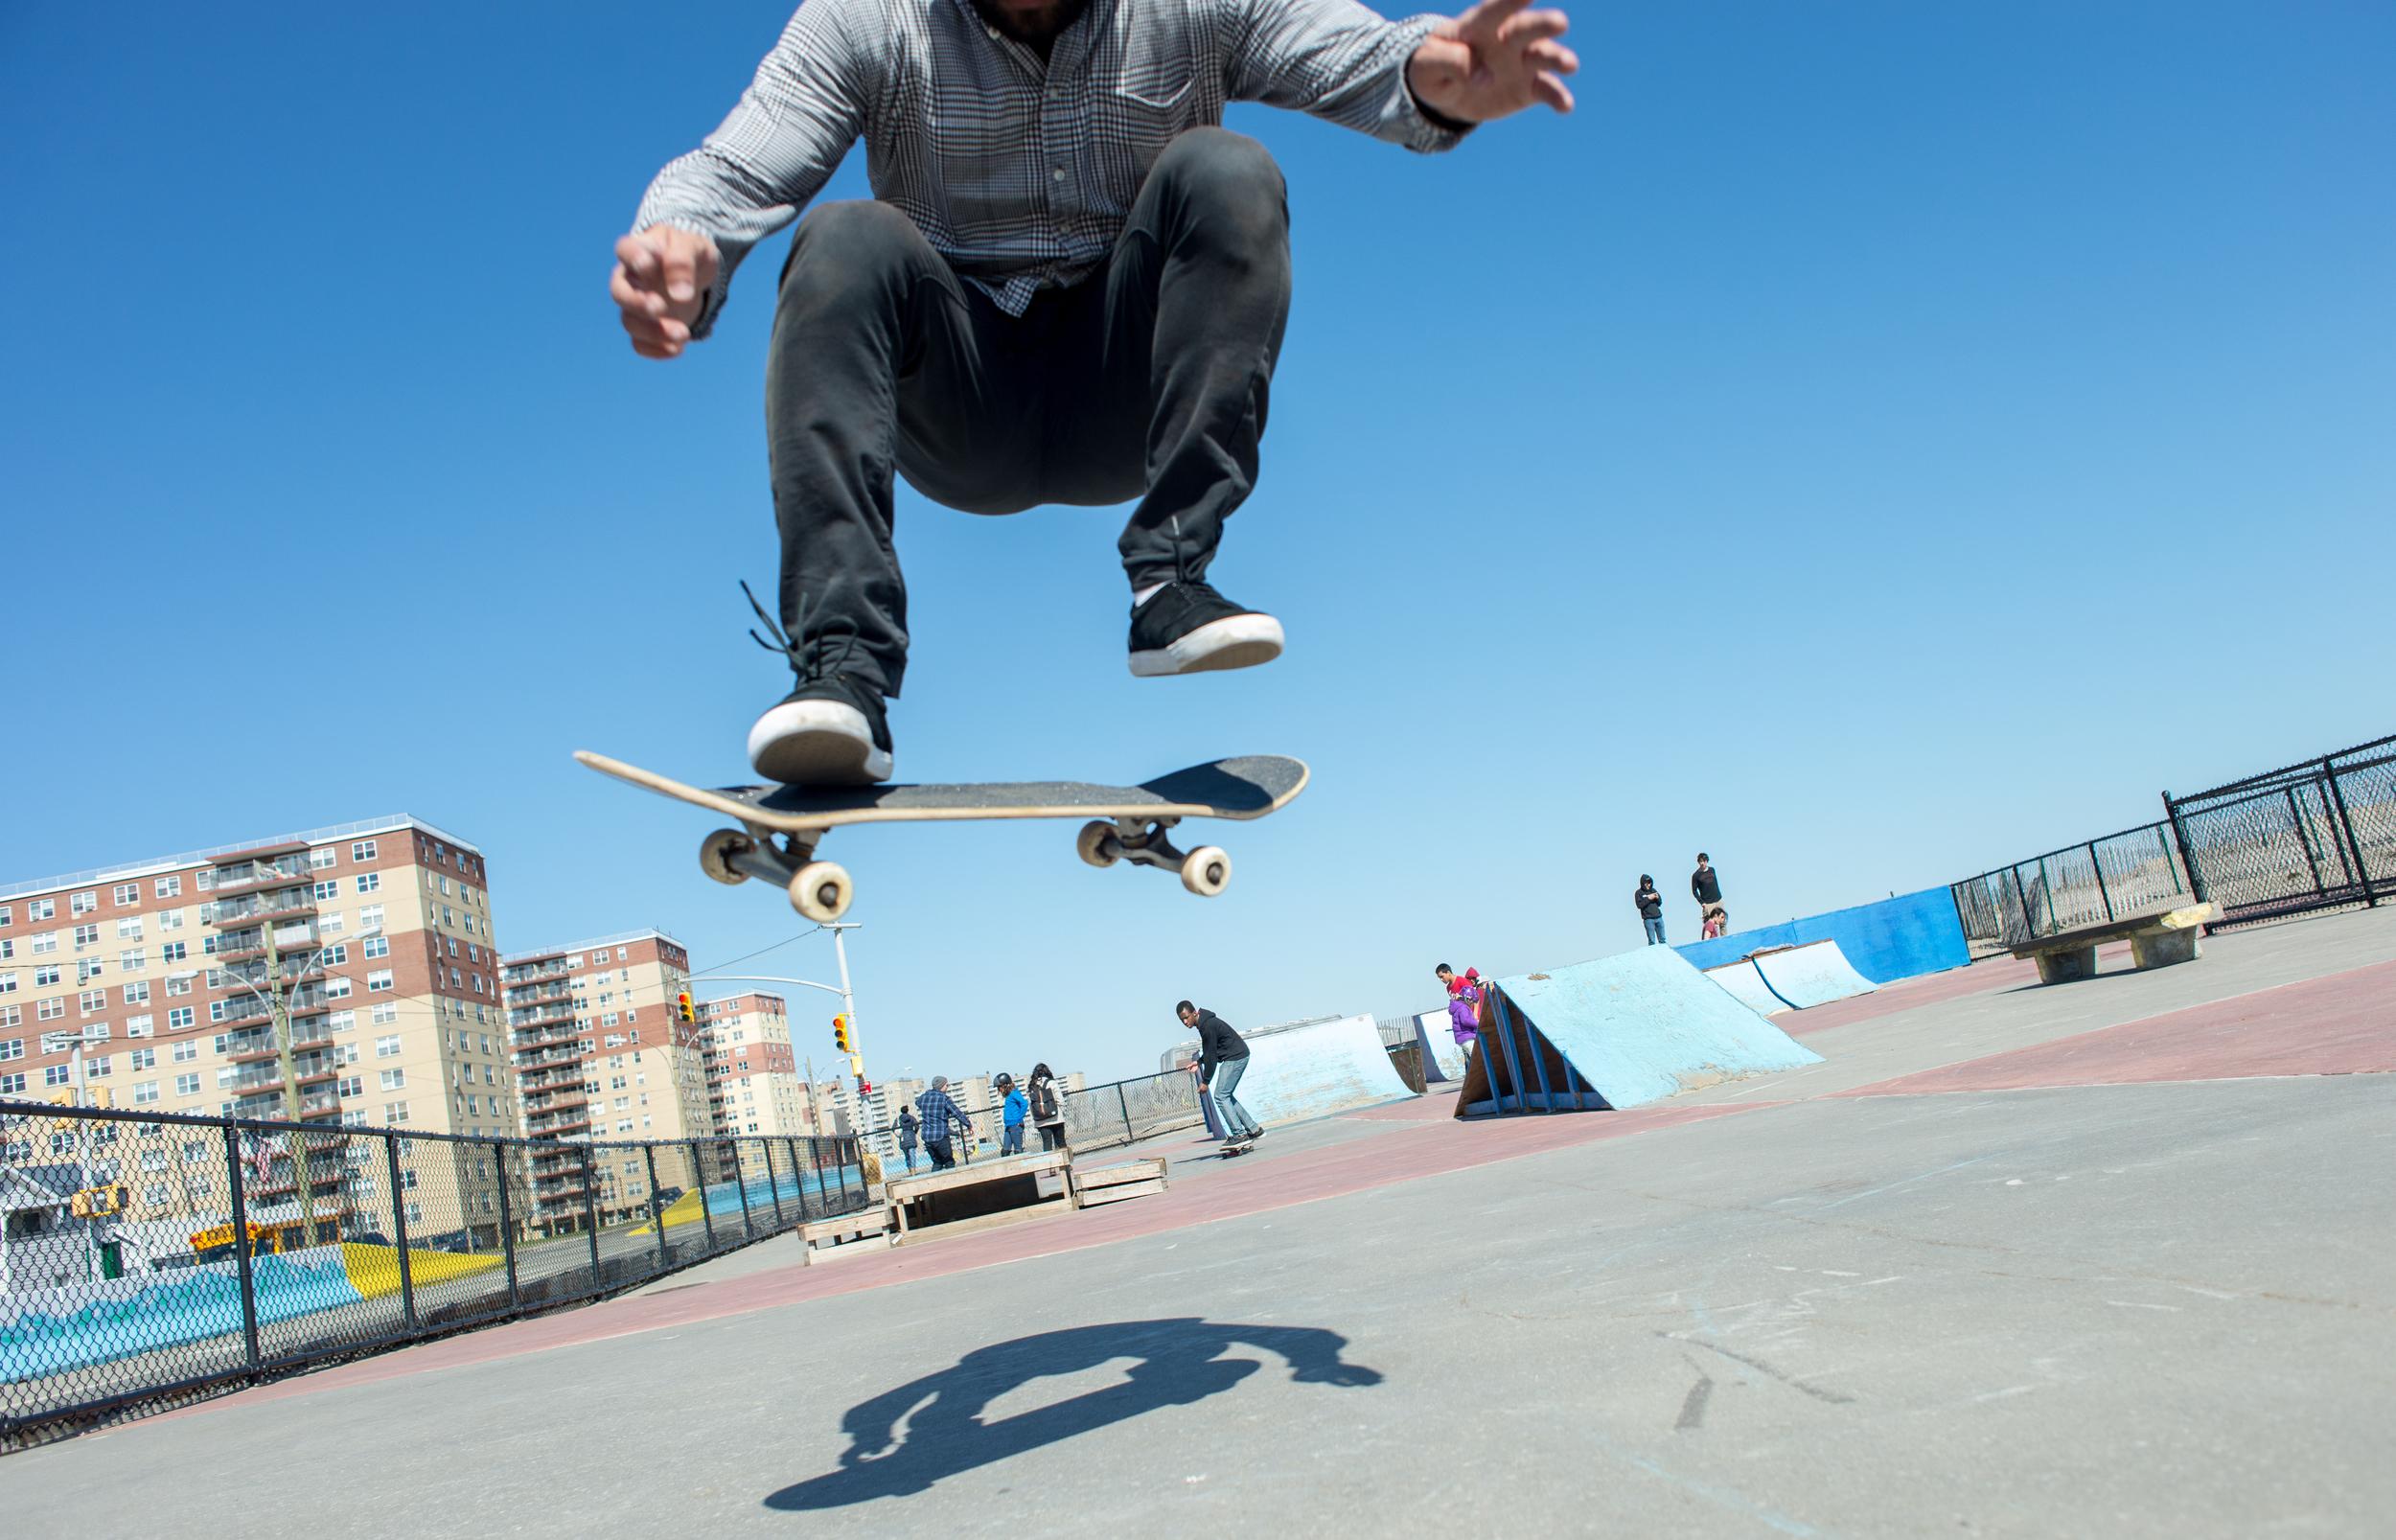 MichaelKololyan_Skate14